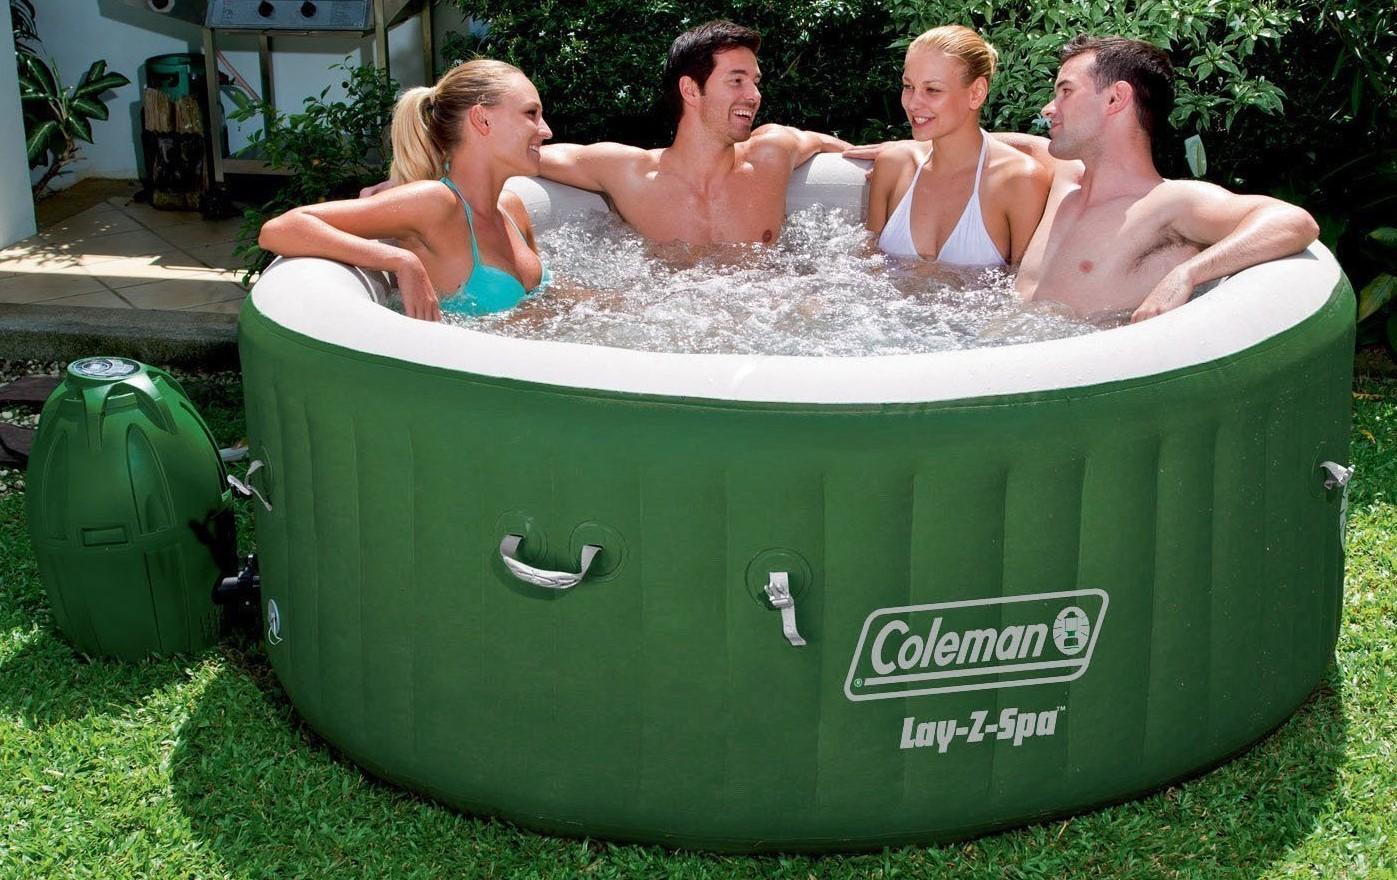 Coleman Hot Tub